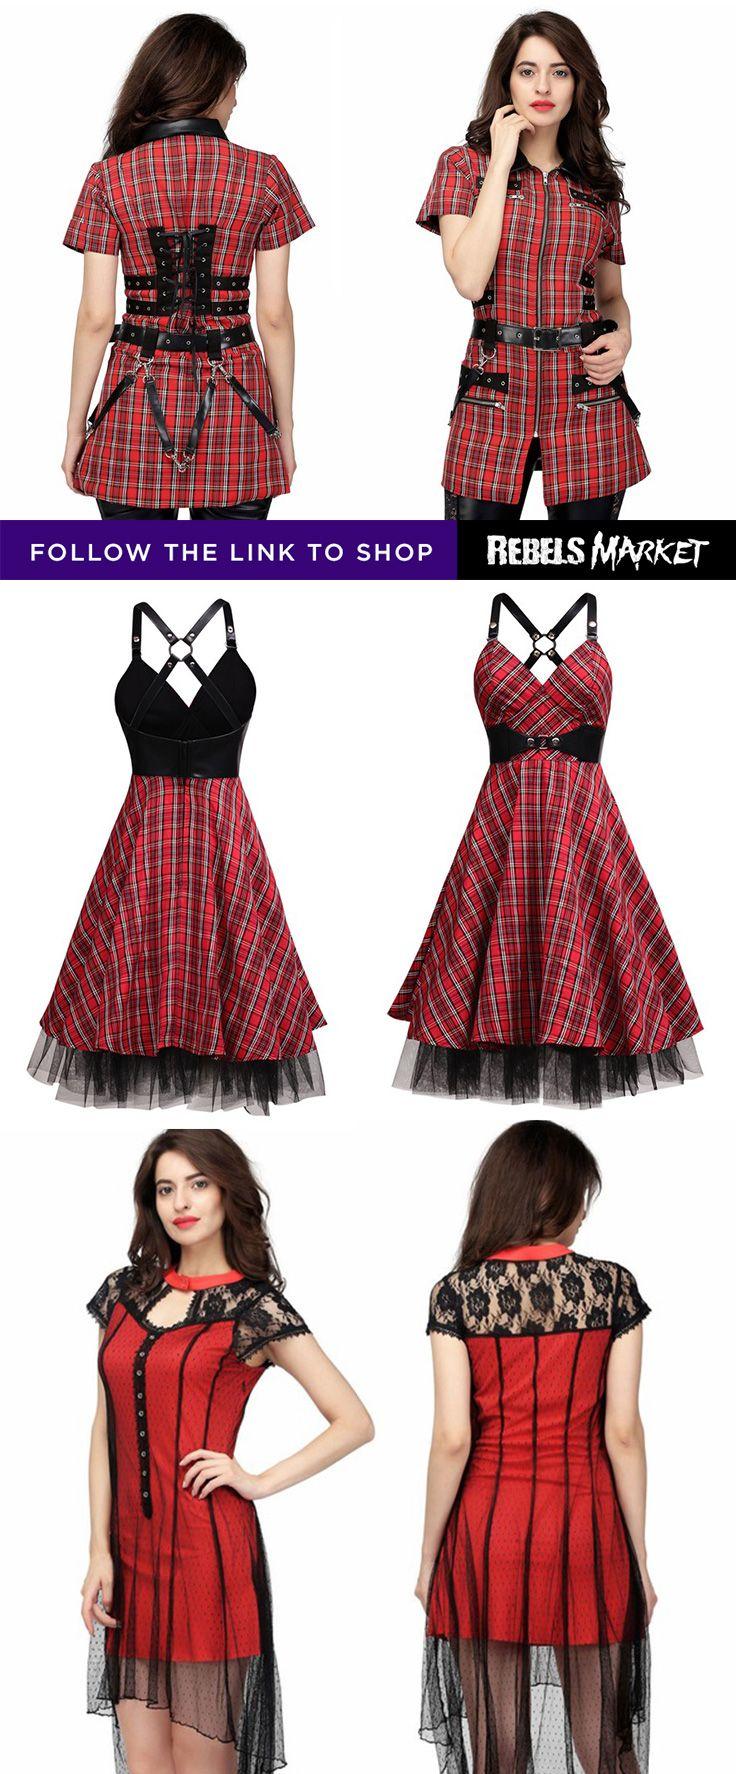 Shop gothic dresses online at RebelsMarket.